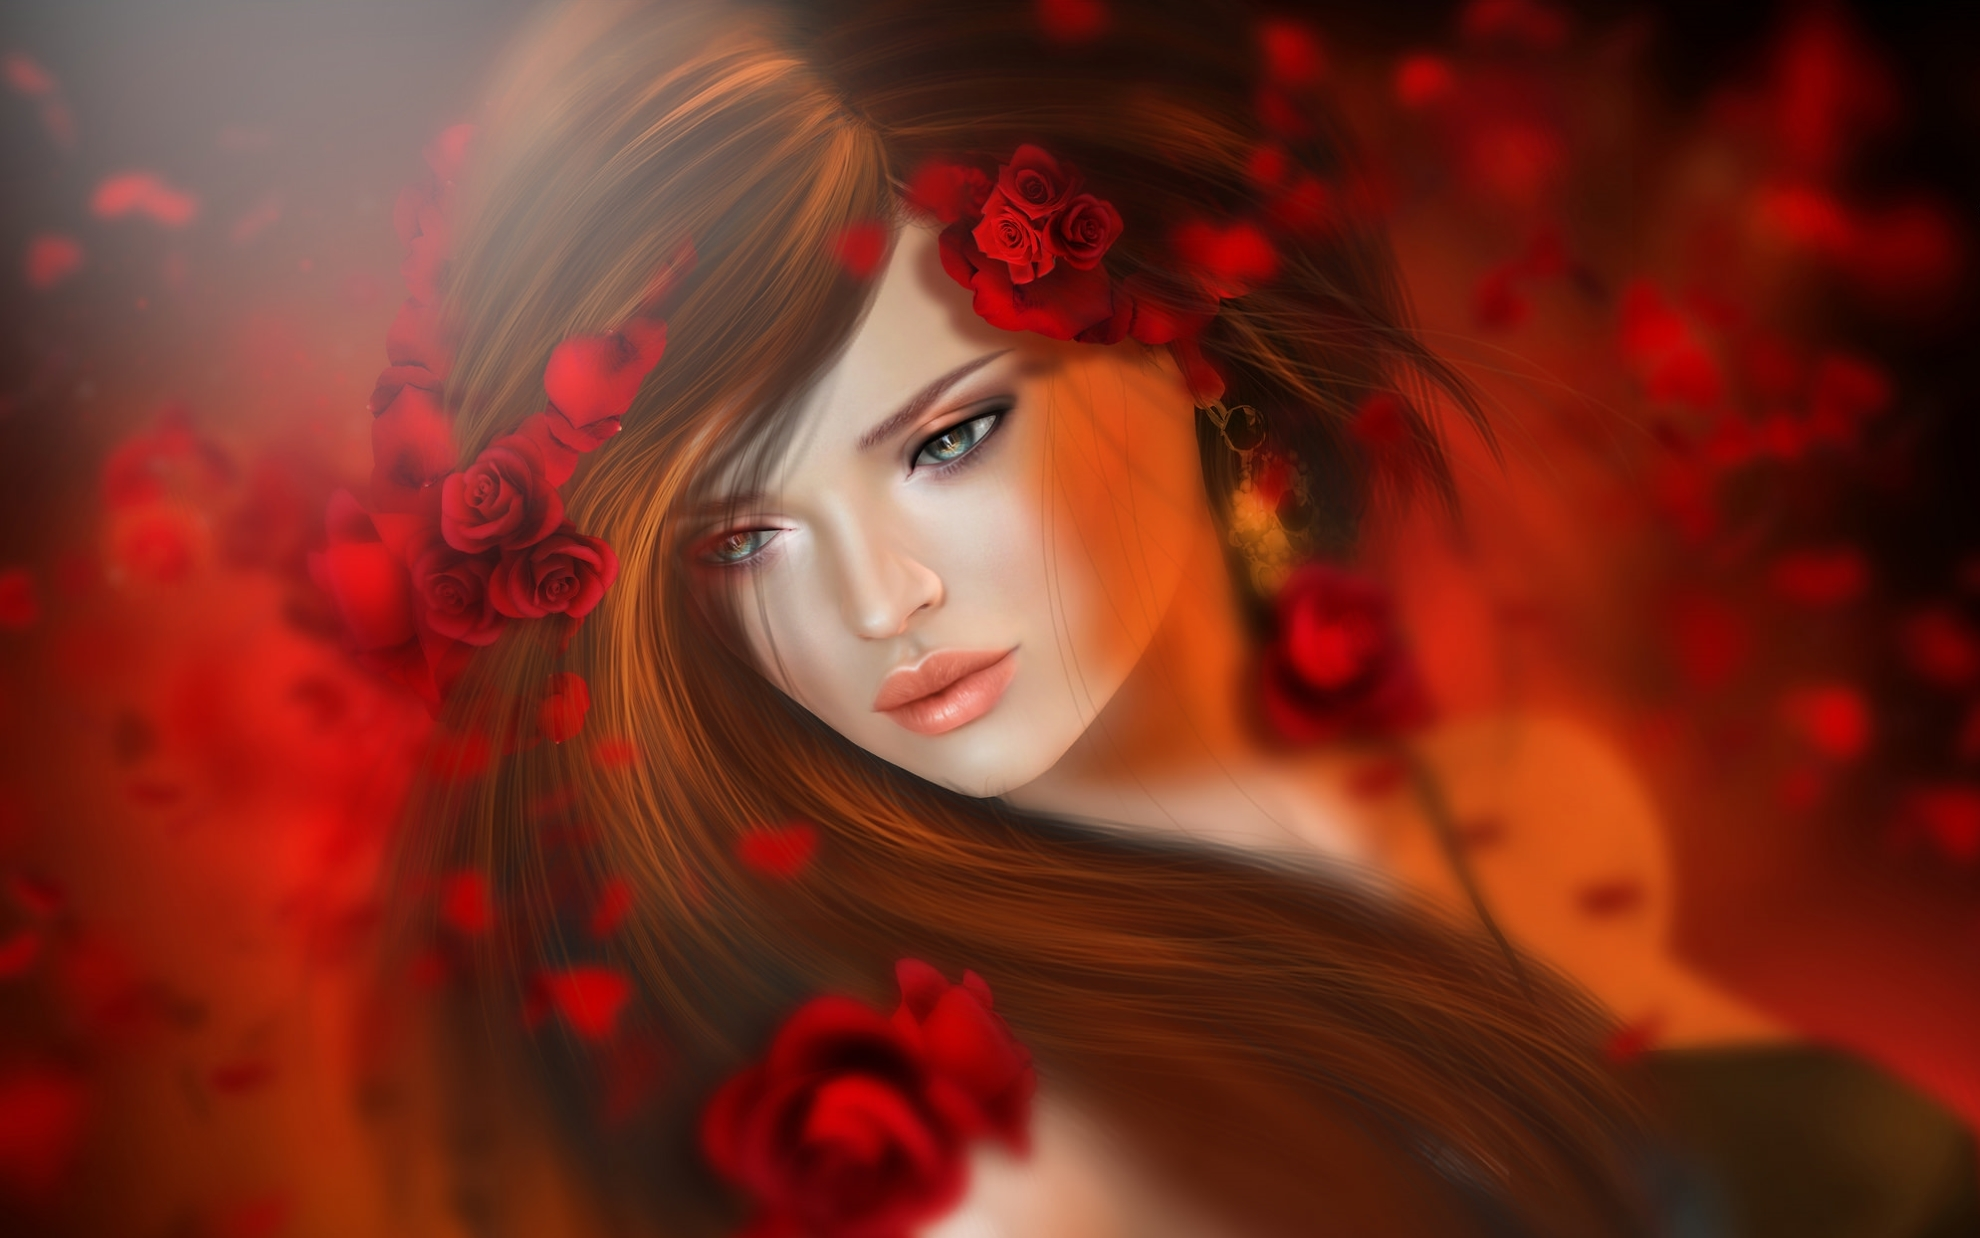 красный цвет девушки цветы фото